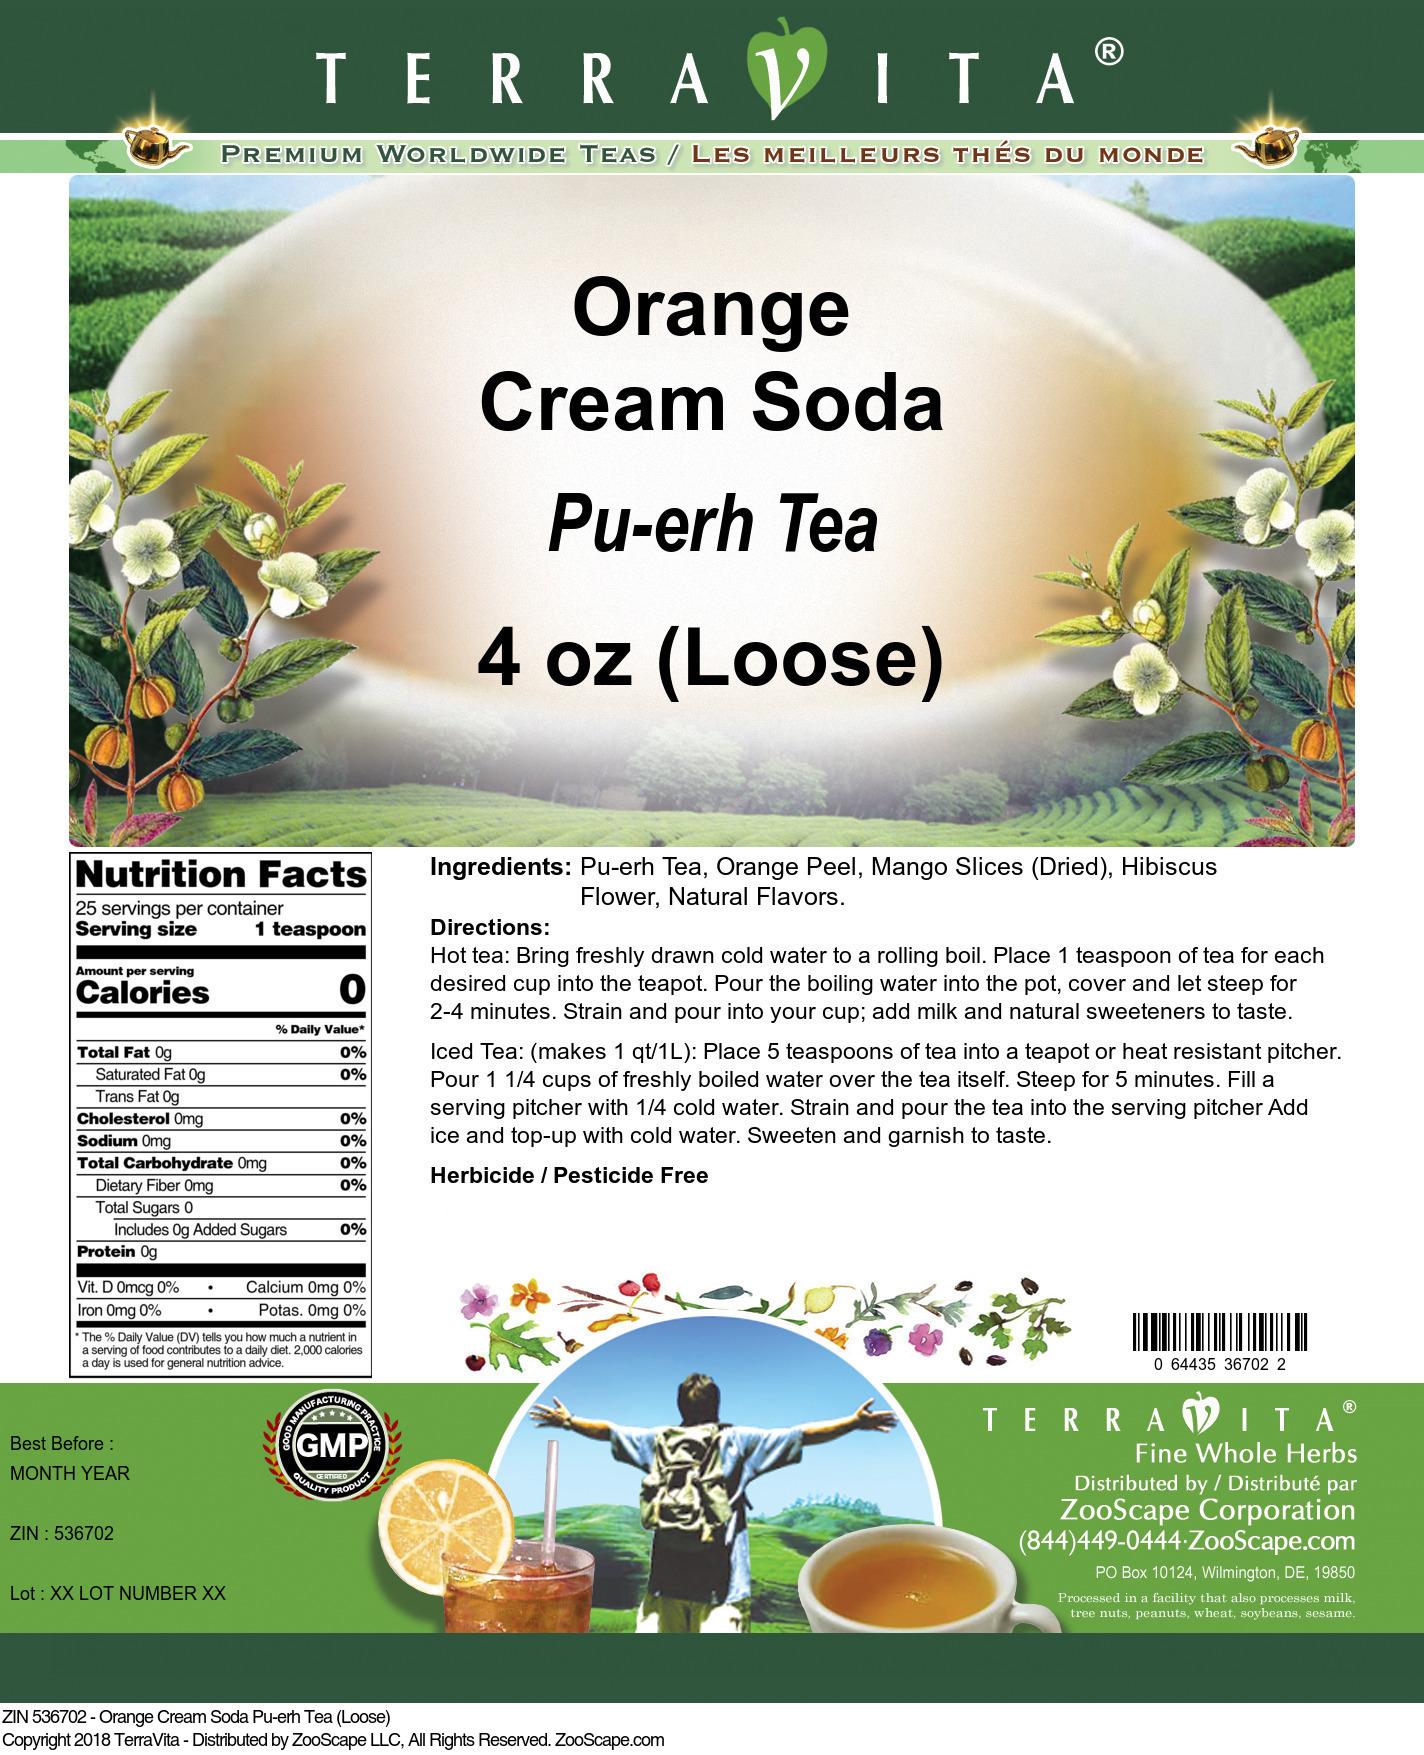 Orange Cream Soda Pu-erh Tea (Loose)